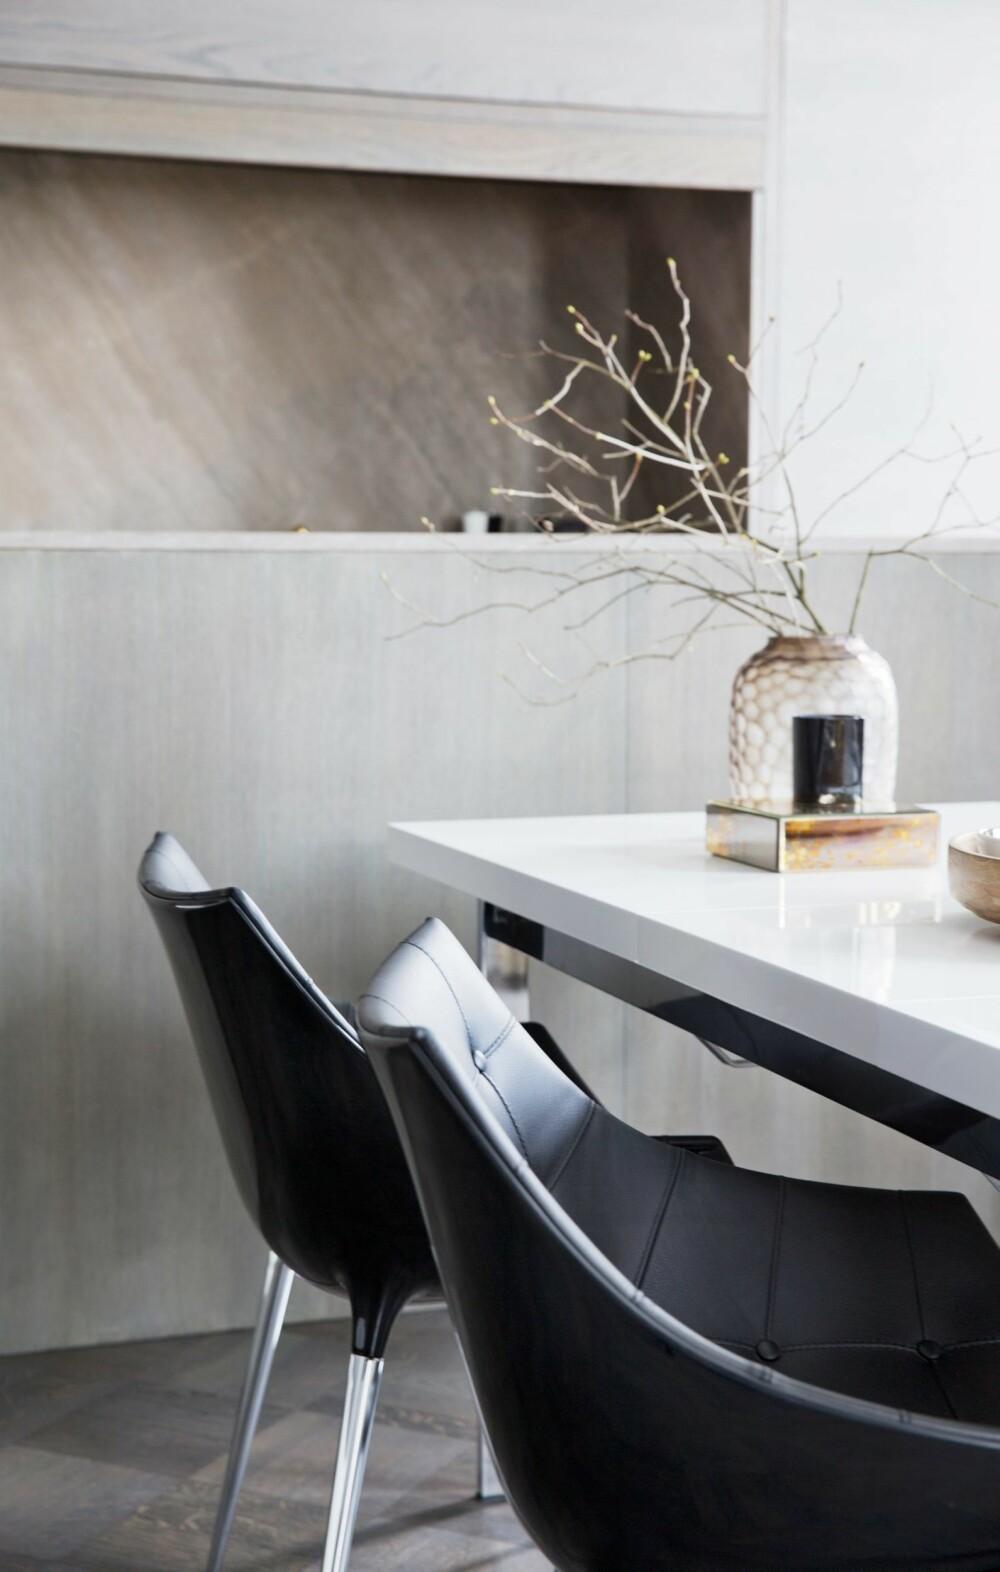 SMART TRIKS: En supersmal kjøkkenøy med høye kanter ut mot spisestuen skjuler rot. Hverken vask eller benkeflater er synlig fra spisesonen, slik oppleves kjøkkenet nesten som usynlig. Styling: Tone Kroken.